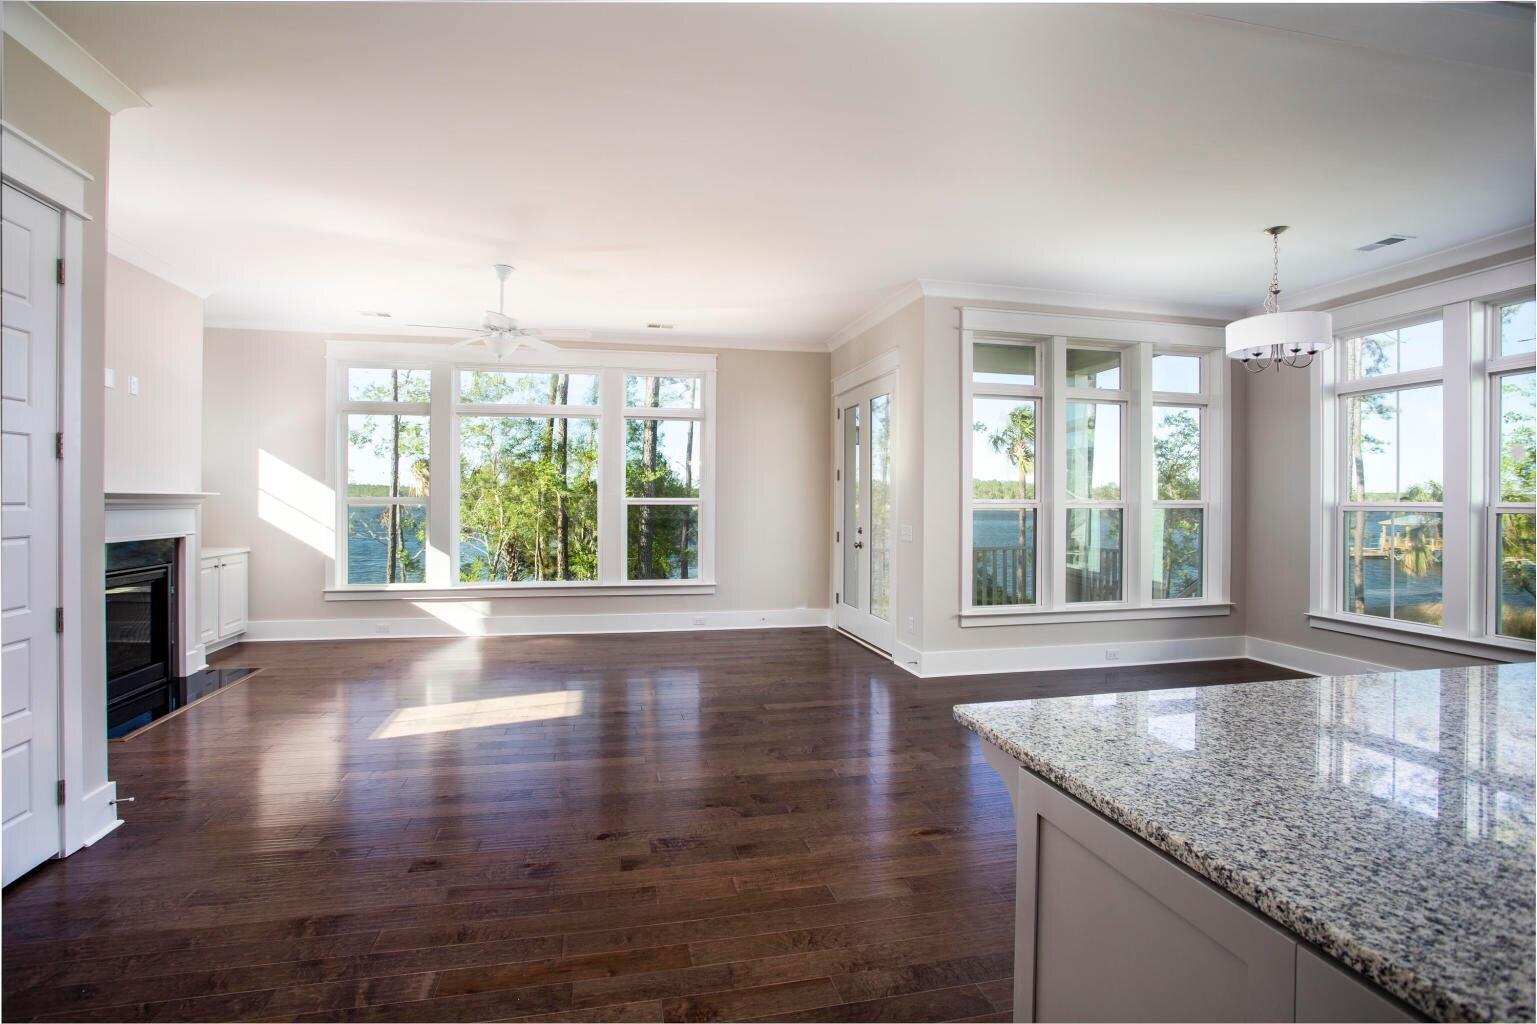 Dunes West Homes For Sale - 2892 River Vista Way, Mount Pleasant, SC - 19